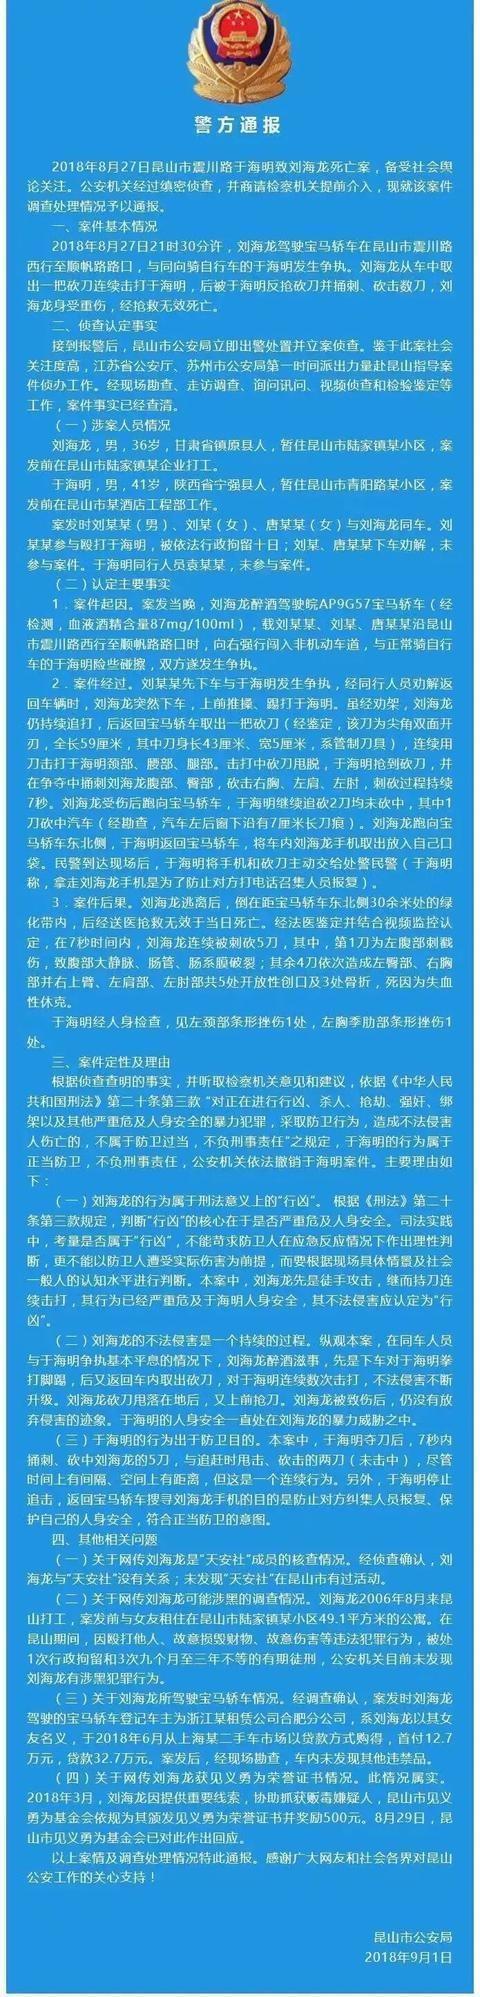 昆山追砍电动车主遭反杀的刘海龙之前为啥获见义... _手机搜狐网